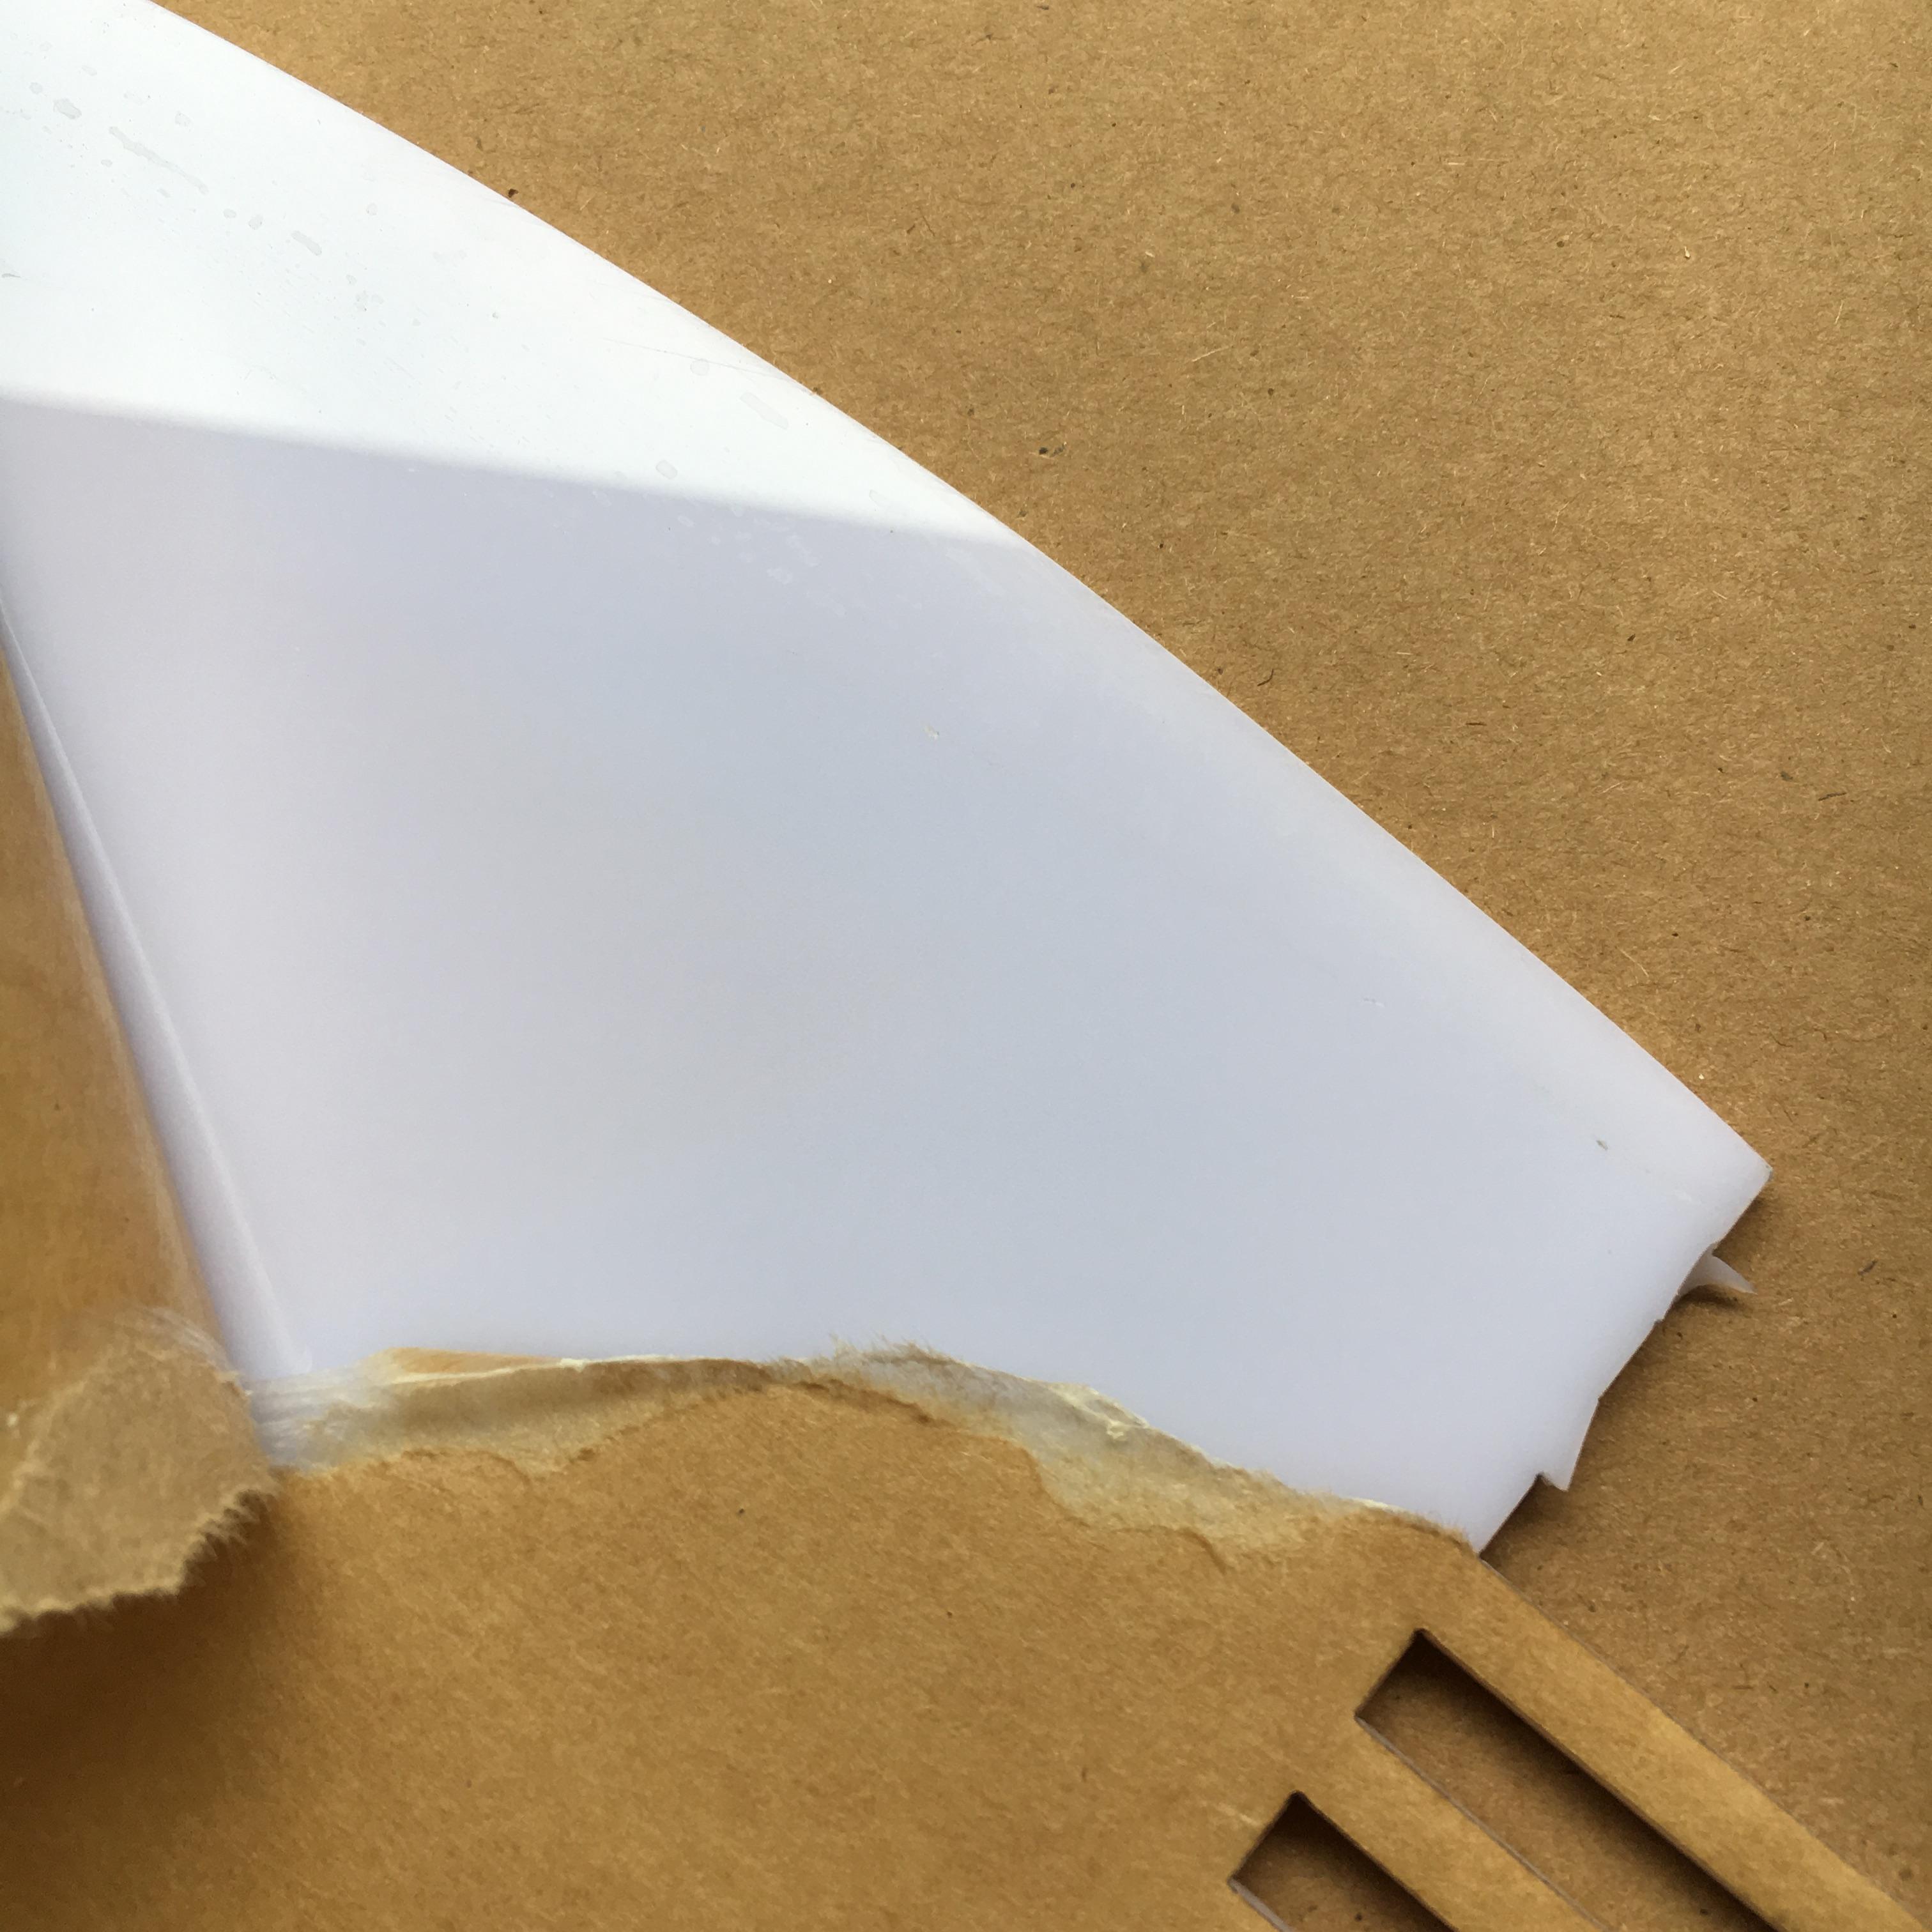 Alta Nero acrilico trasparente Organica di un piatto di personalizzazione piegare la Lavorazione DEL VETRO piatto su misura di incisione e Stampa serigrafica.